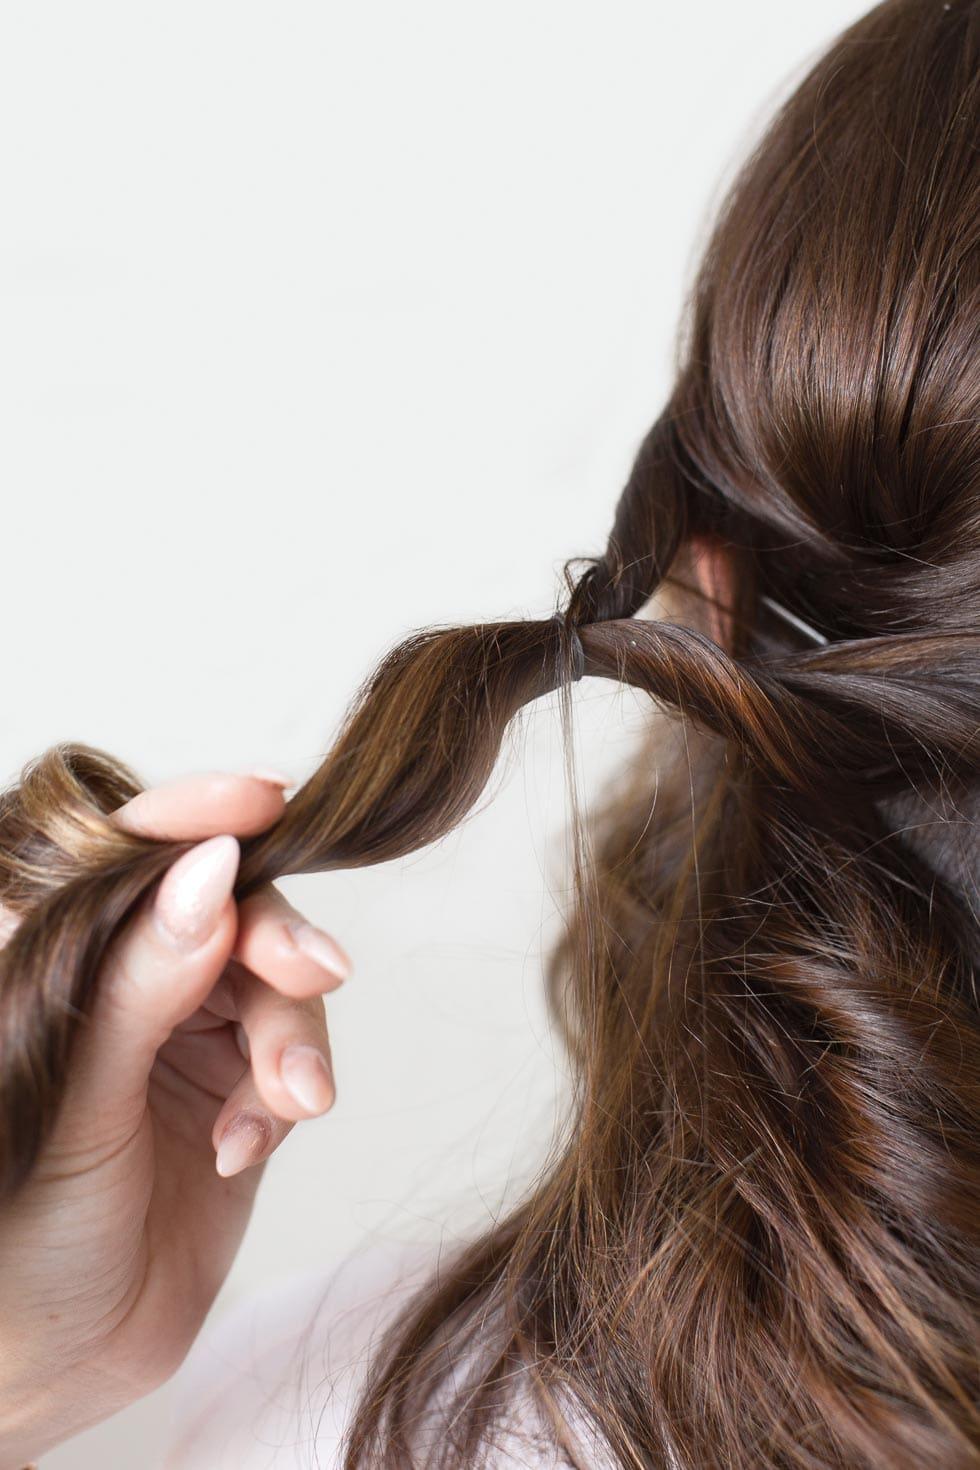 Schritt-für-Schritt Anleitung Frisur